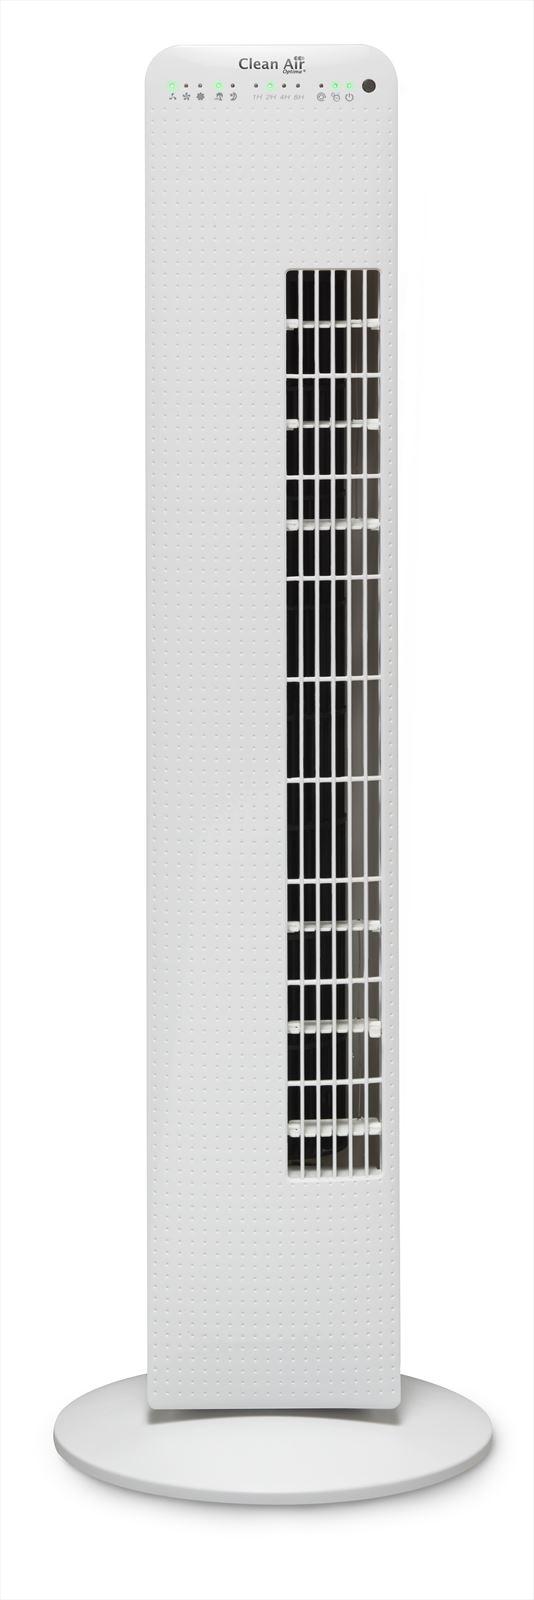 Luxe Colonne Ventilateur Avec Ioniseur CA 405 Ideal Pour